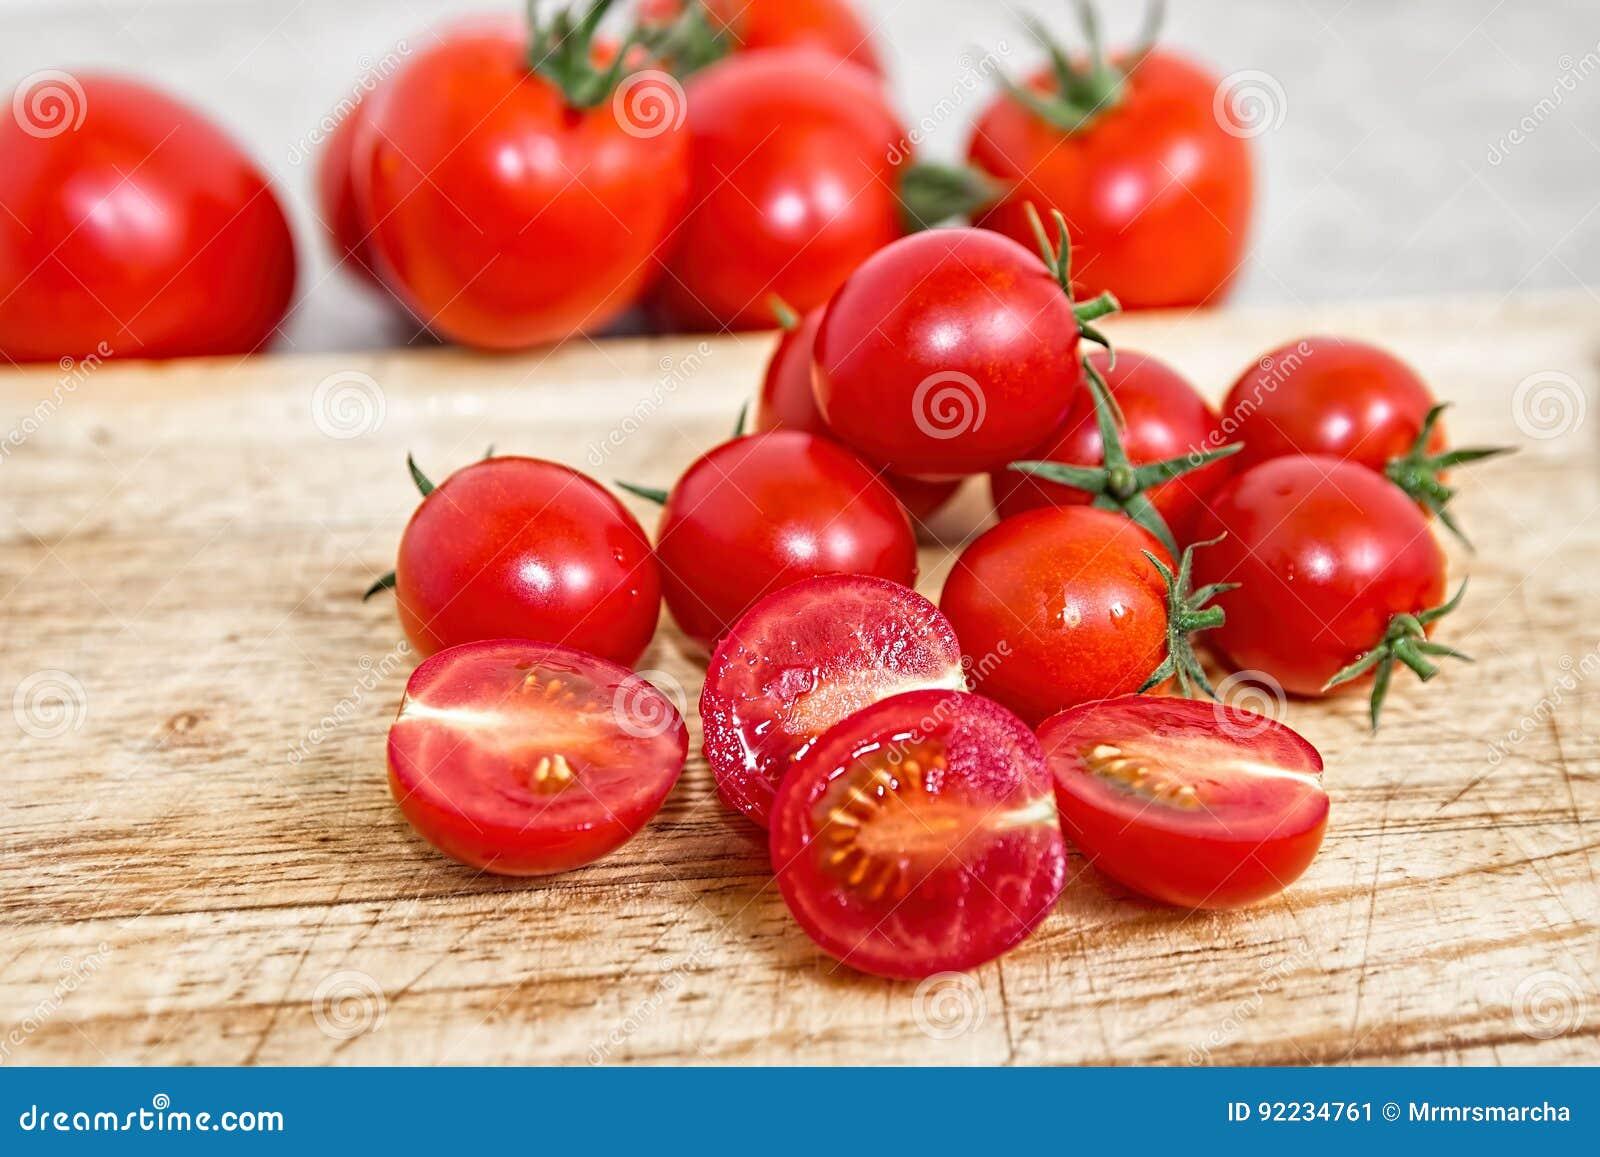 Pomodori di ciliegia su una scheda di taglio di legno Priorità bassa di verdure Bio- prodotti